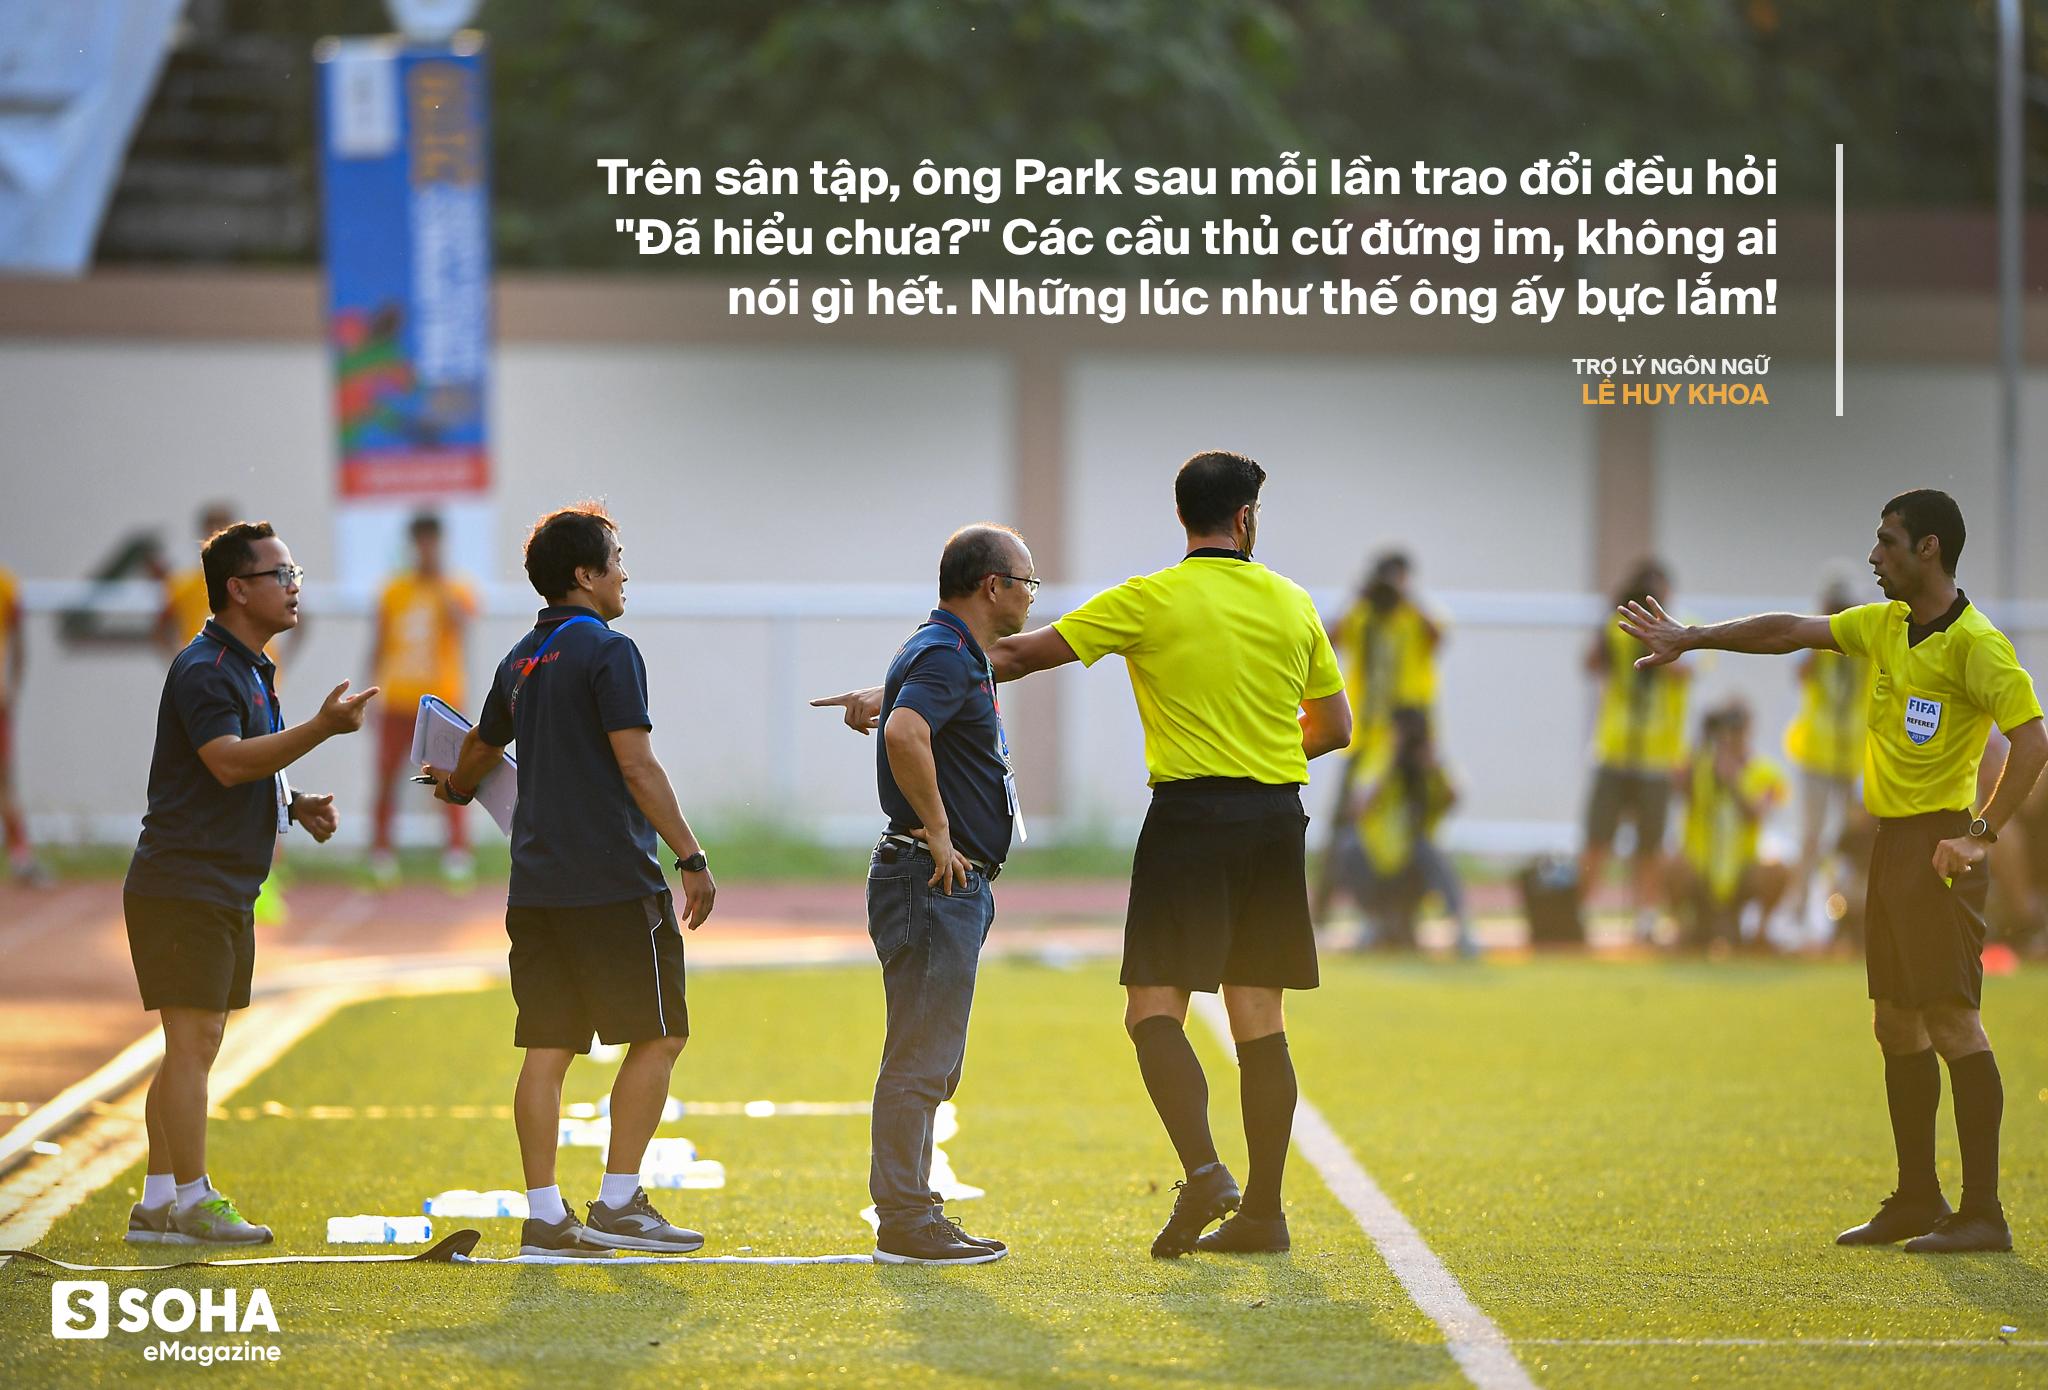 Trợ lý ngôn ngữ Lê Huy Khoa: Ông Park từng phát bực vì sự im lặng của cầu thủ Việt Nam - Ảnh 7.